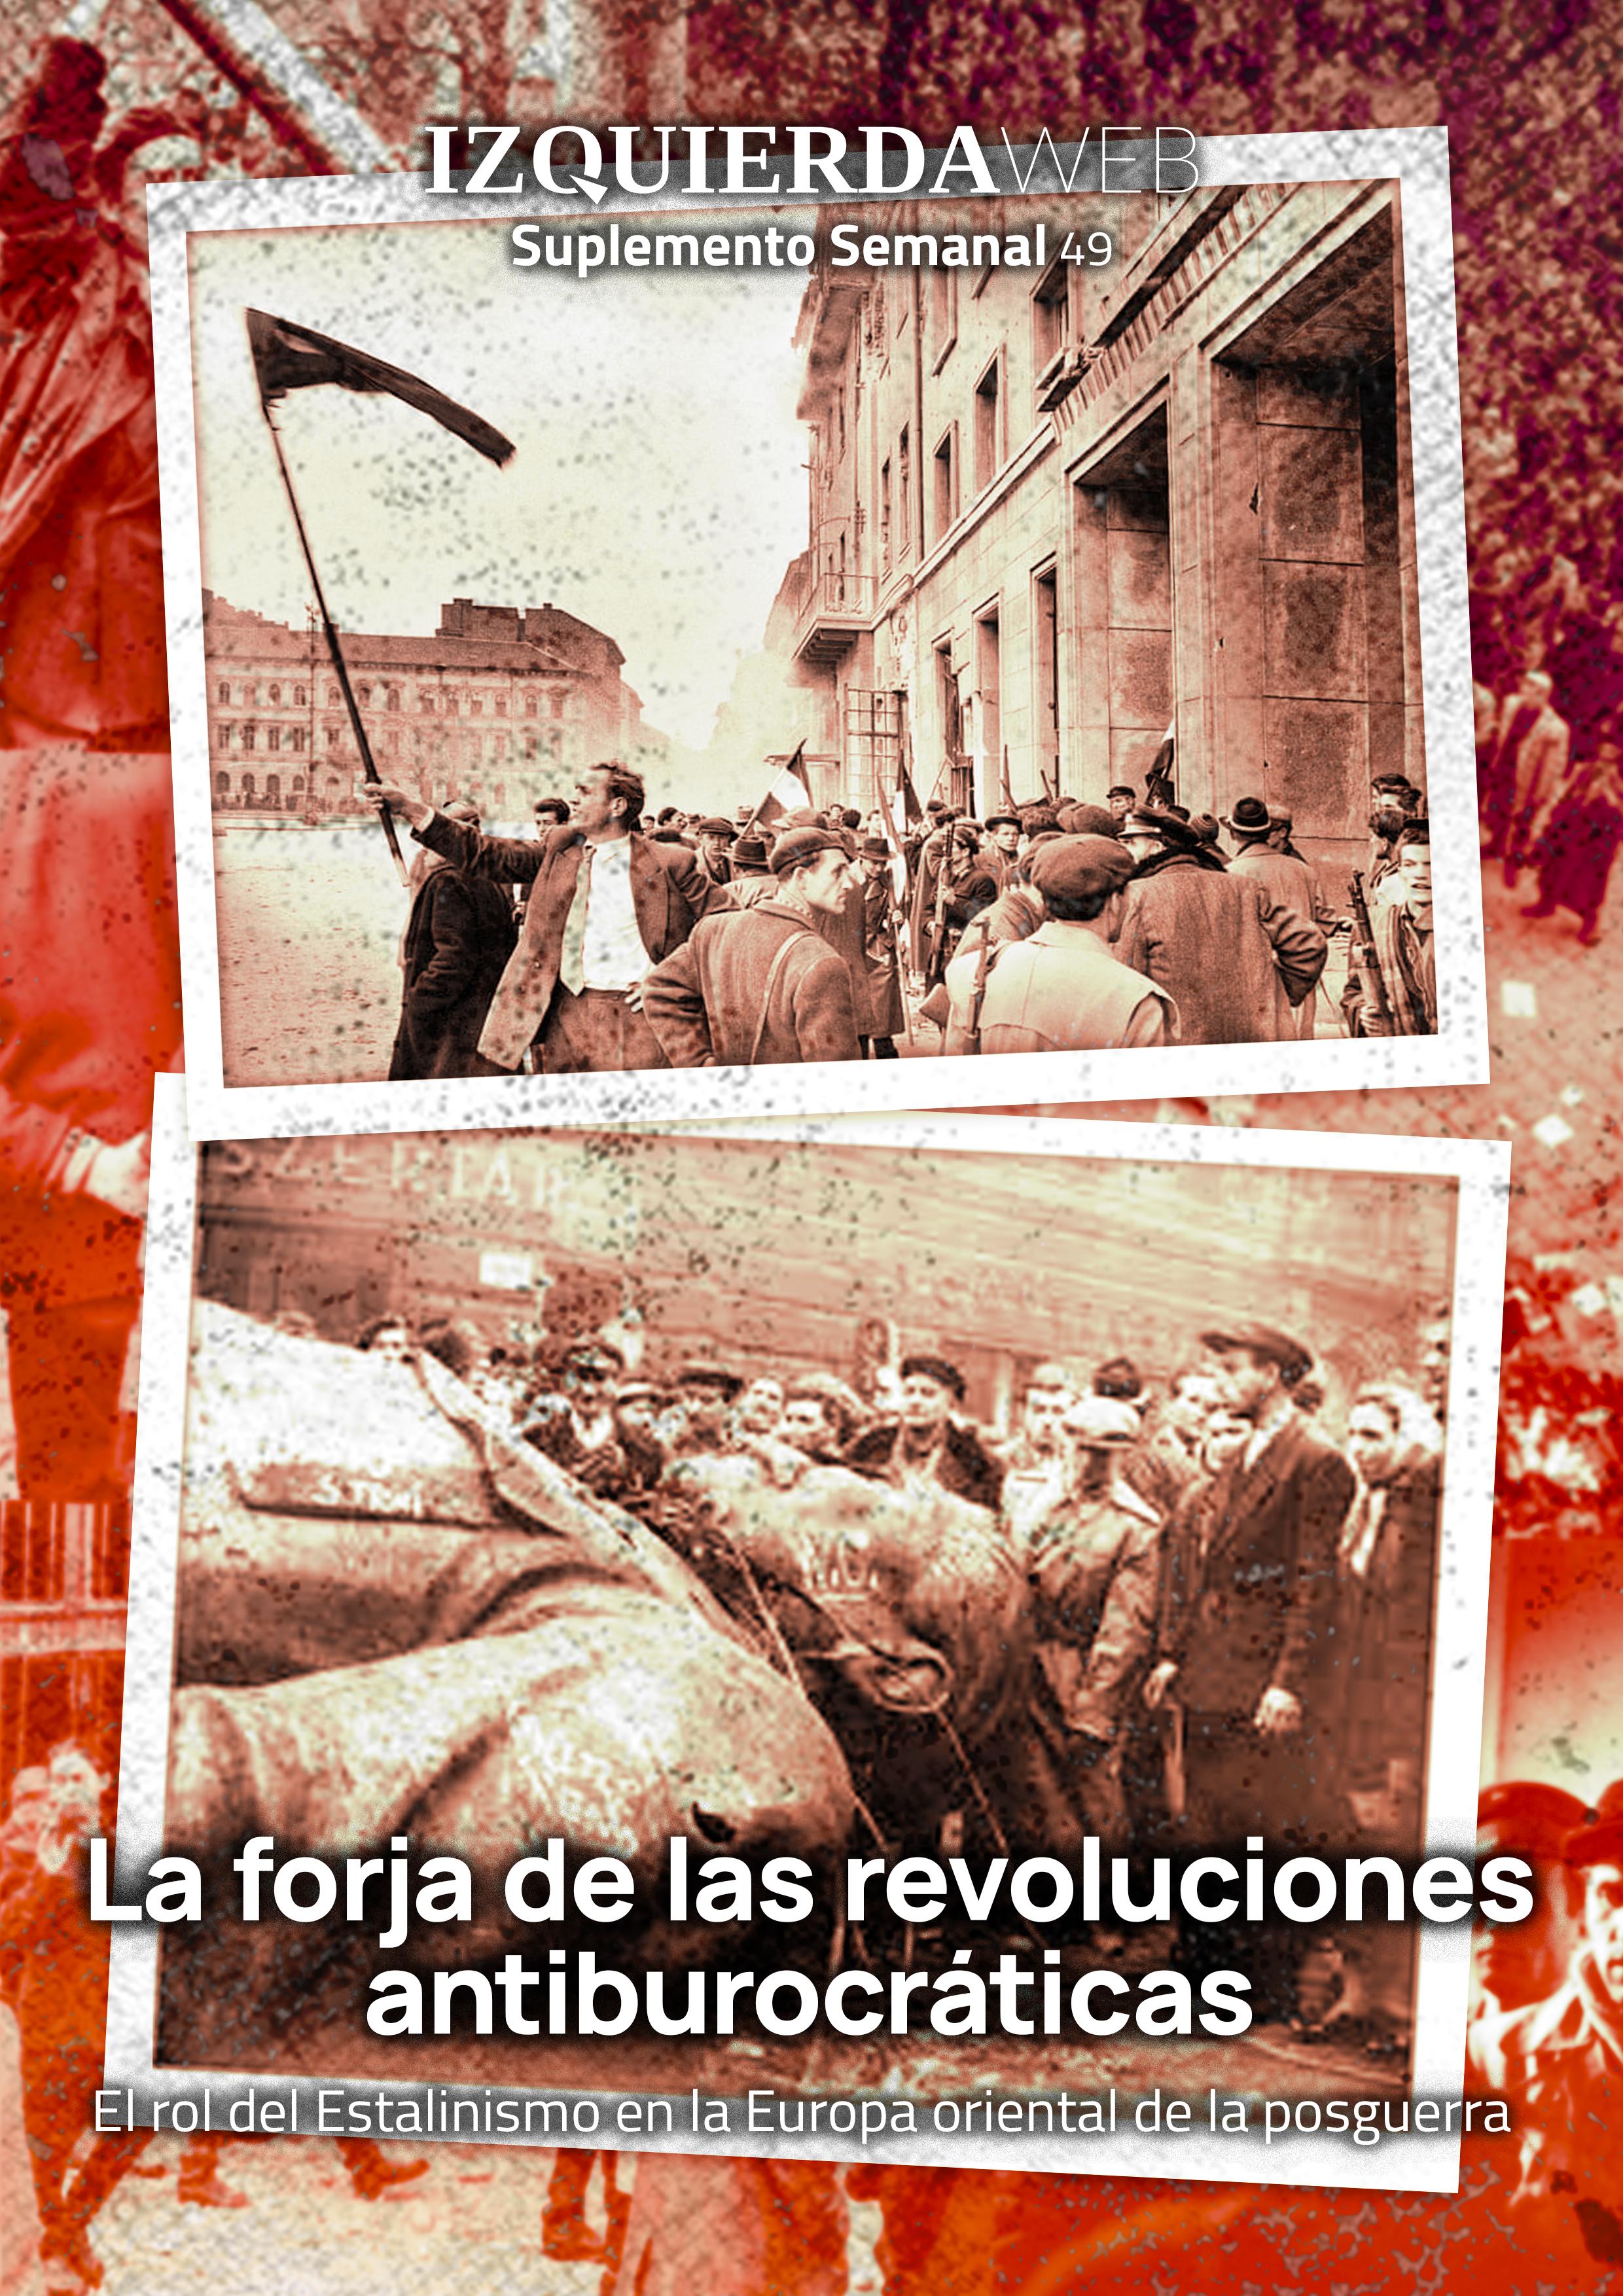 la forja de revoluciones antiburocráticas